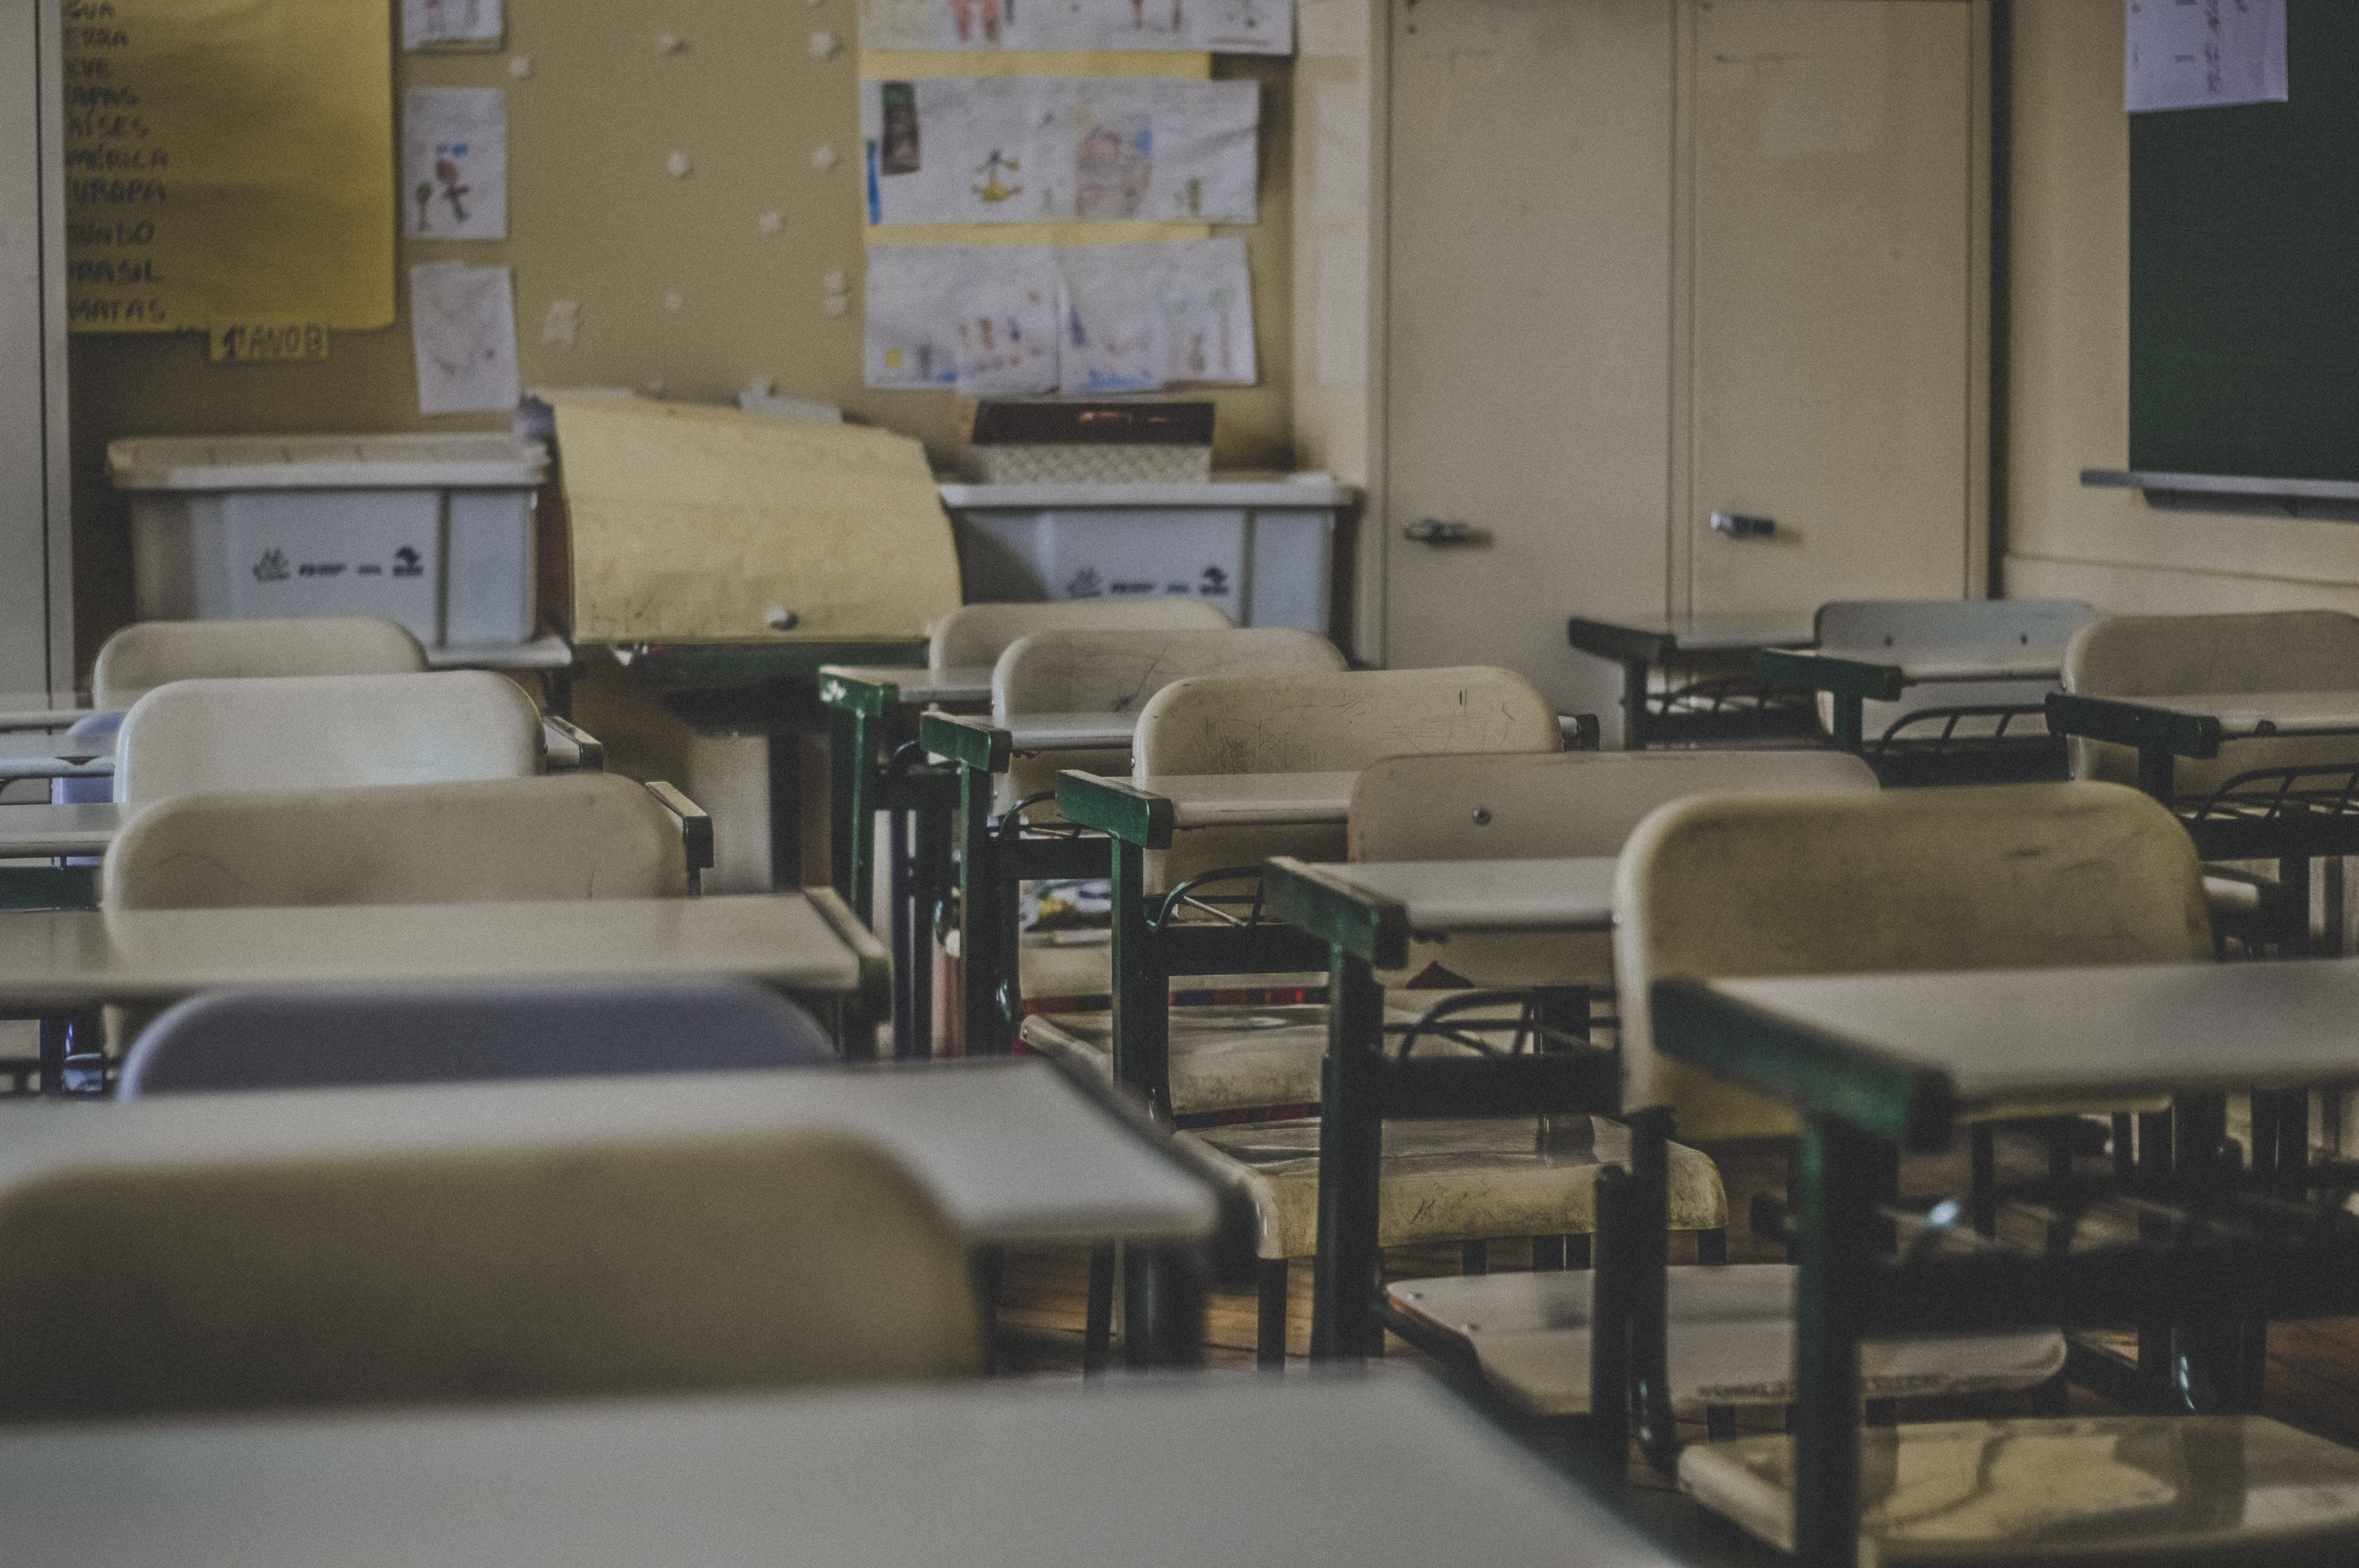 Um Gas zu sparen: Kein Schulunterricht in der Ukraine bis zum 12. März